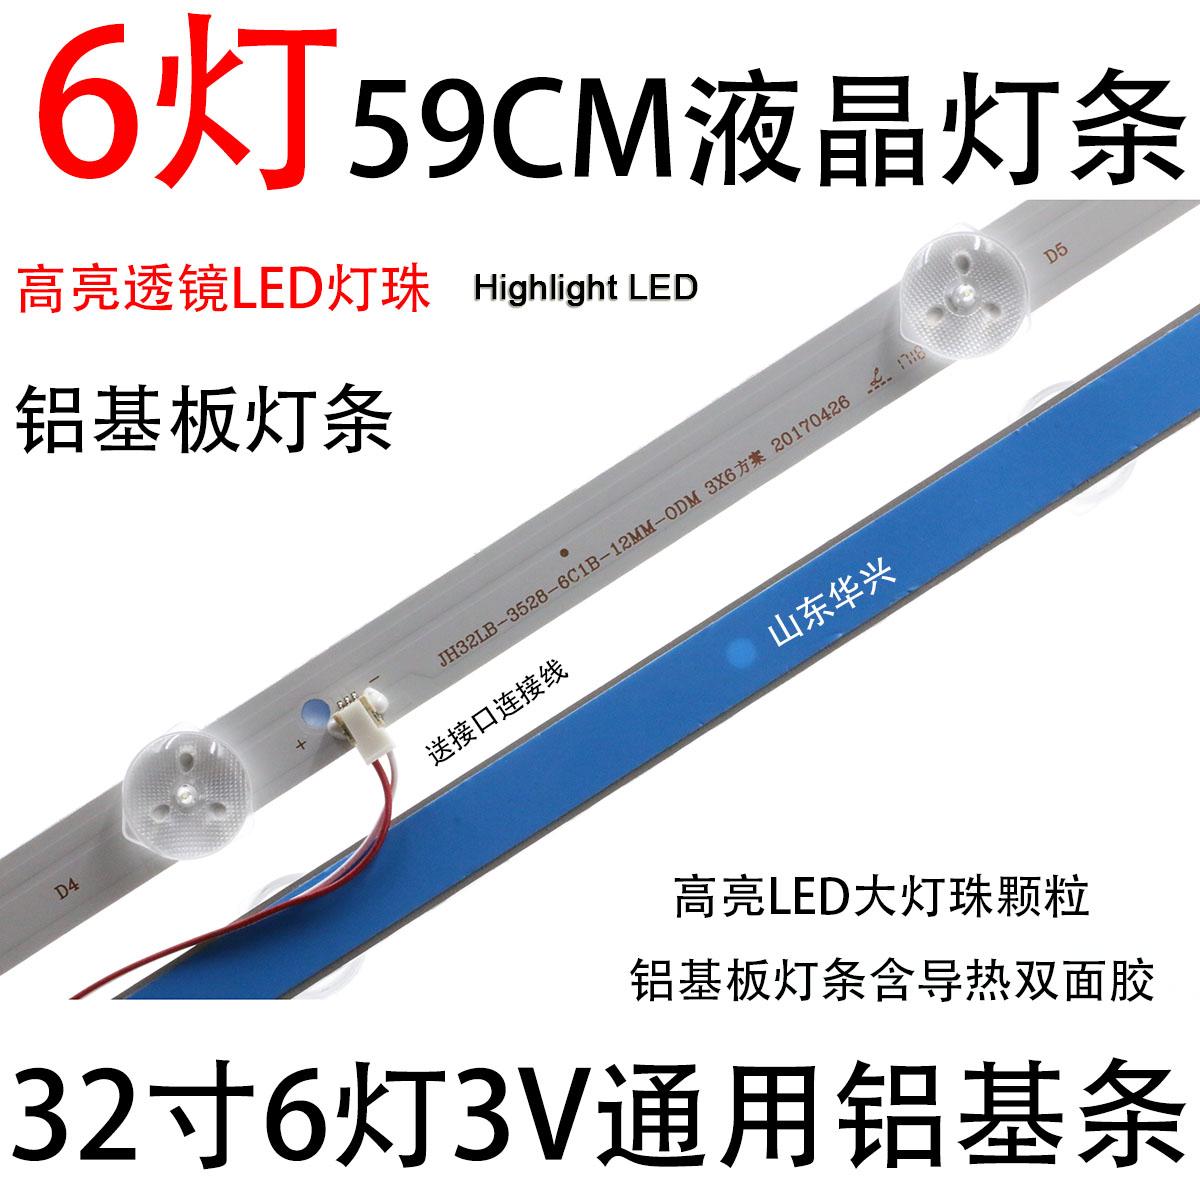 6灯铝32寸59厘米通用长虹海信TCL32寸液晶电视背光透镜LED灯条 3V